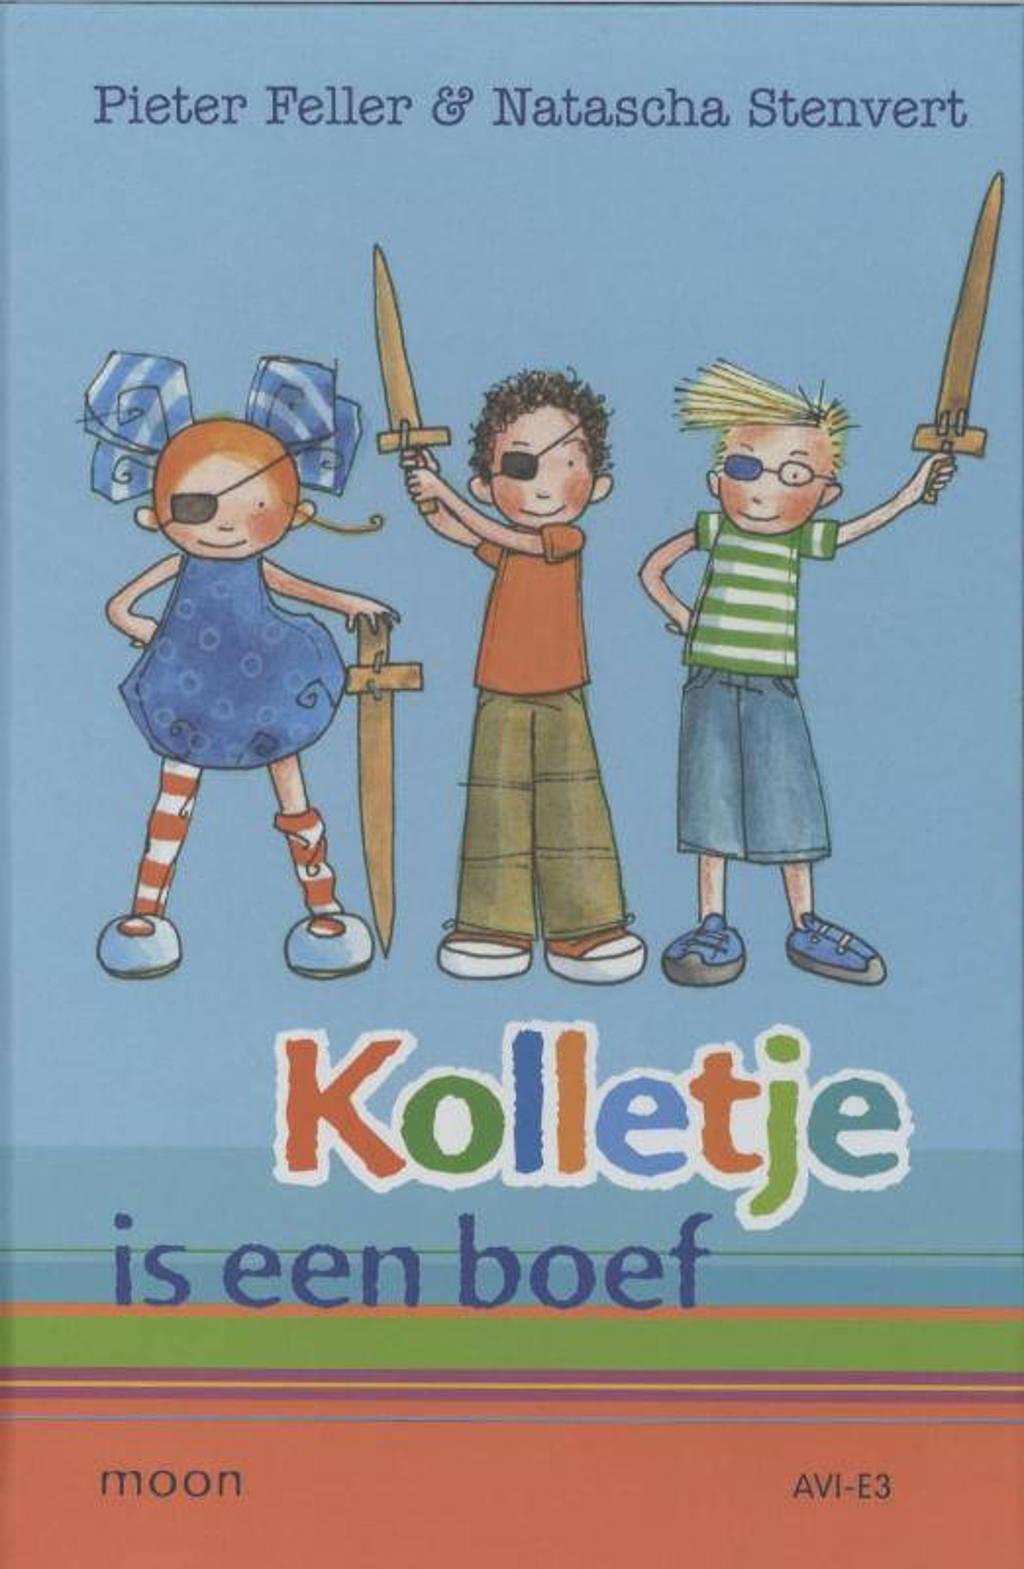 Kolletje is een boef - Pieter Feller